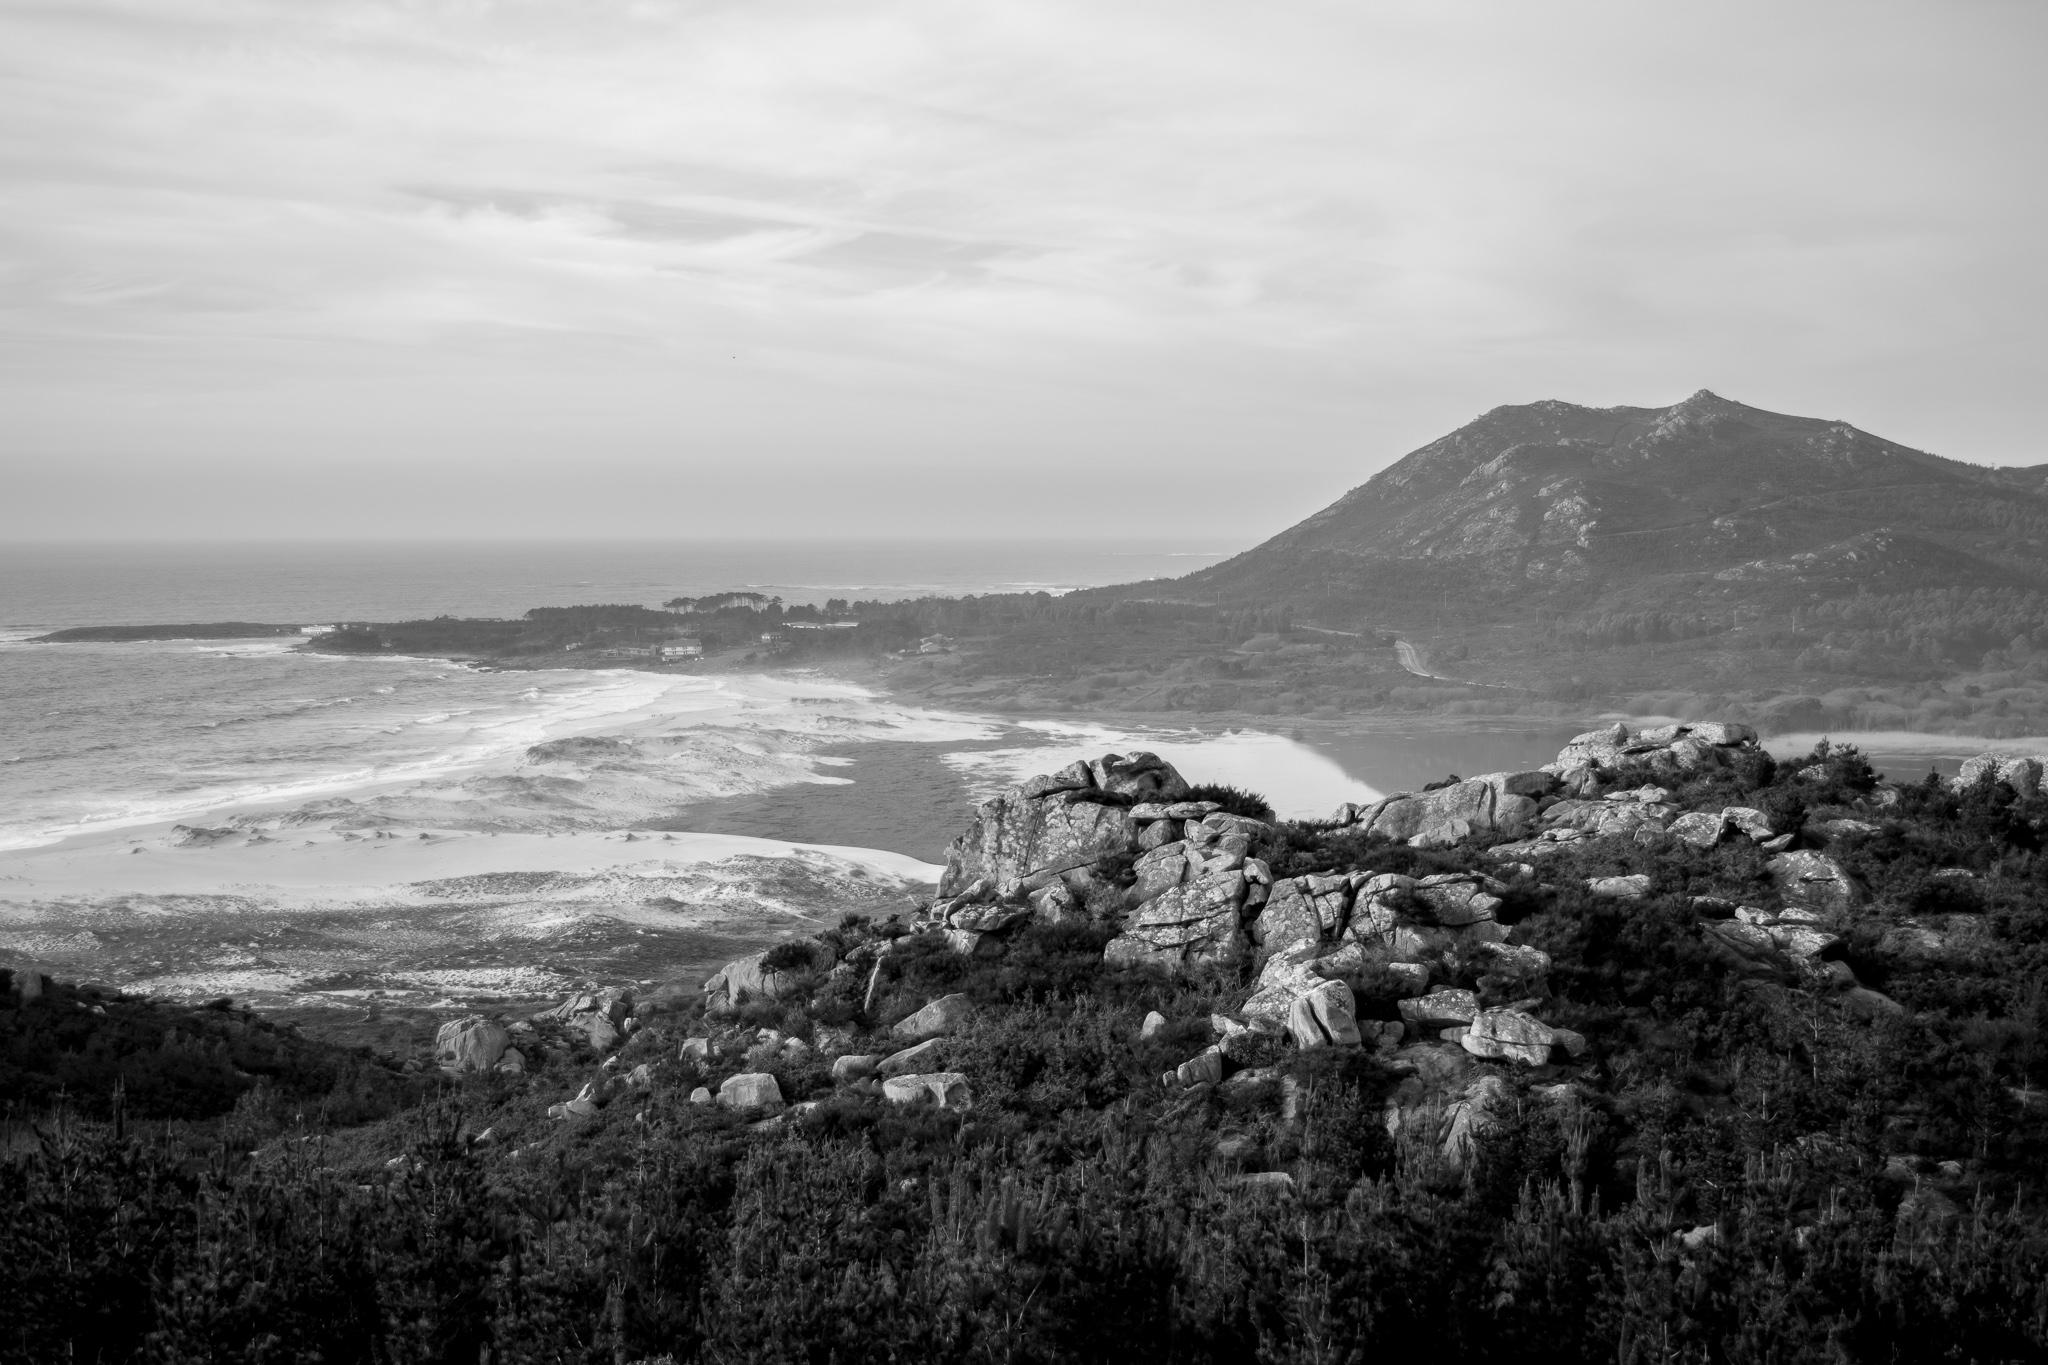 El Monte Louro es una montaña de unos 240m de altitud situada en el municipio de Muros. <br>Su espectacularidad reside en su entorno, situada al lado de la magnífica Lagoa das Xarfas y la playa de Area Maior.